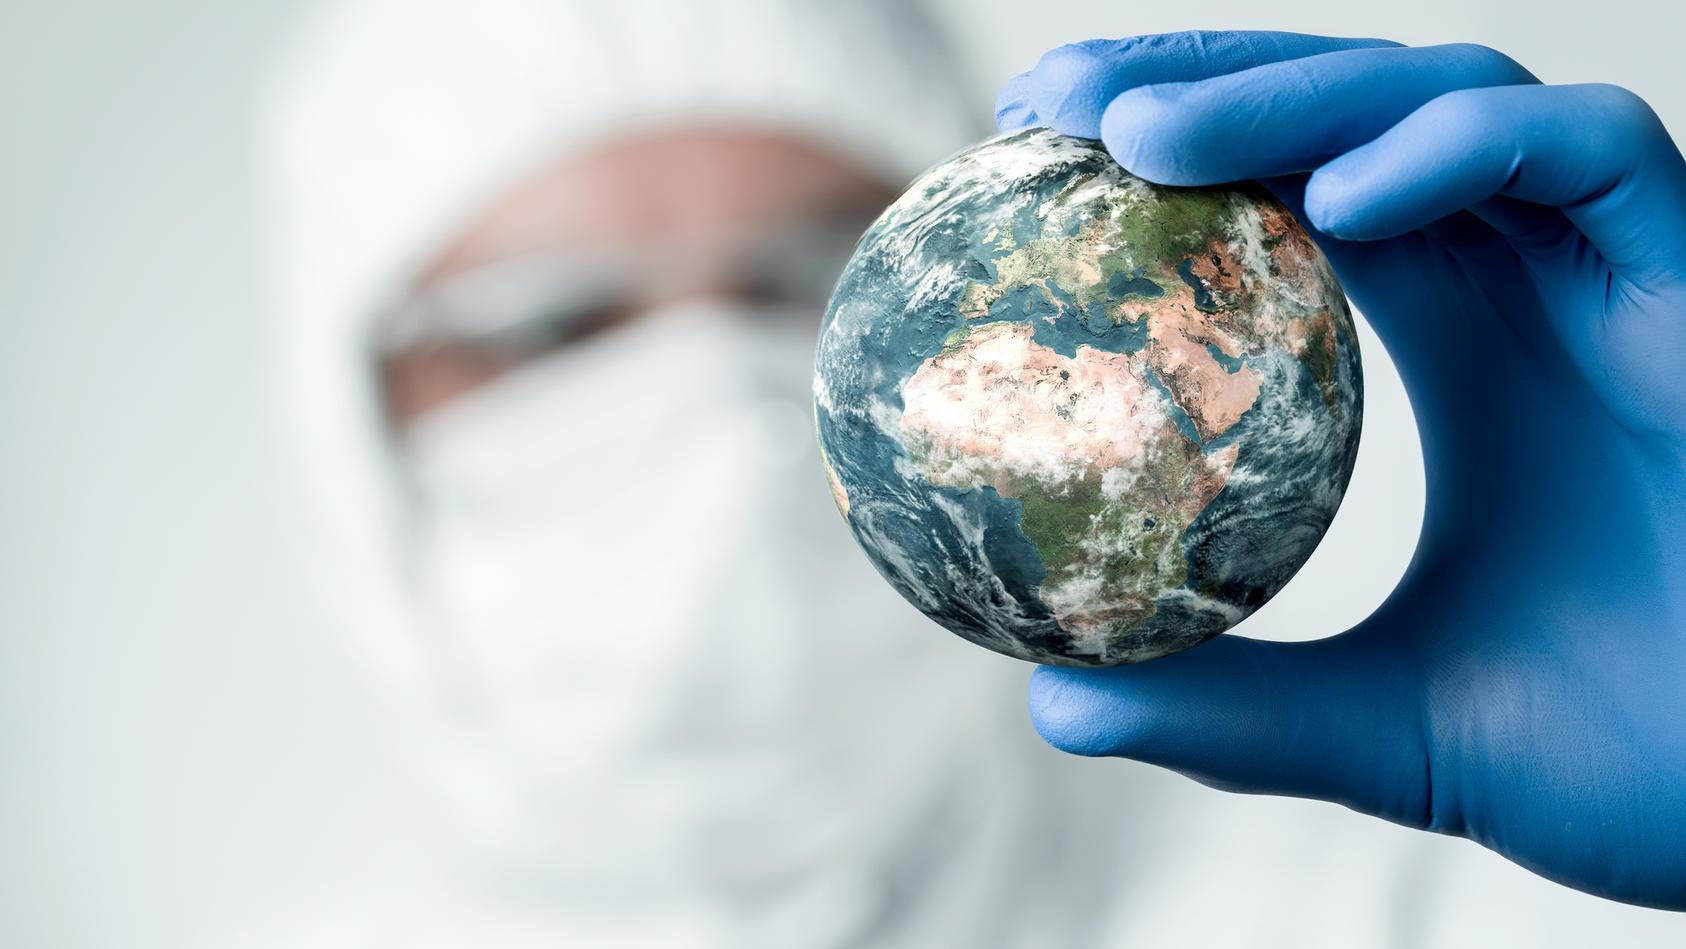 Die Licht- und Schattenseiten der Pandemie für die Umwelt.